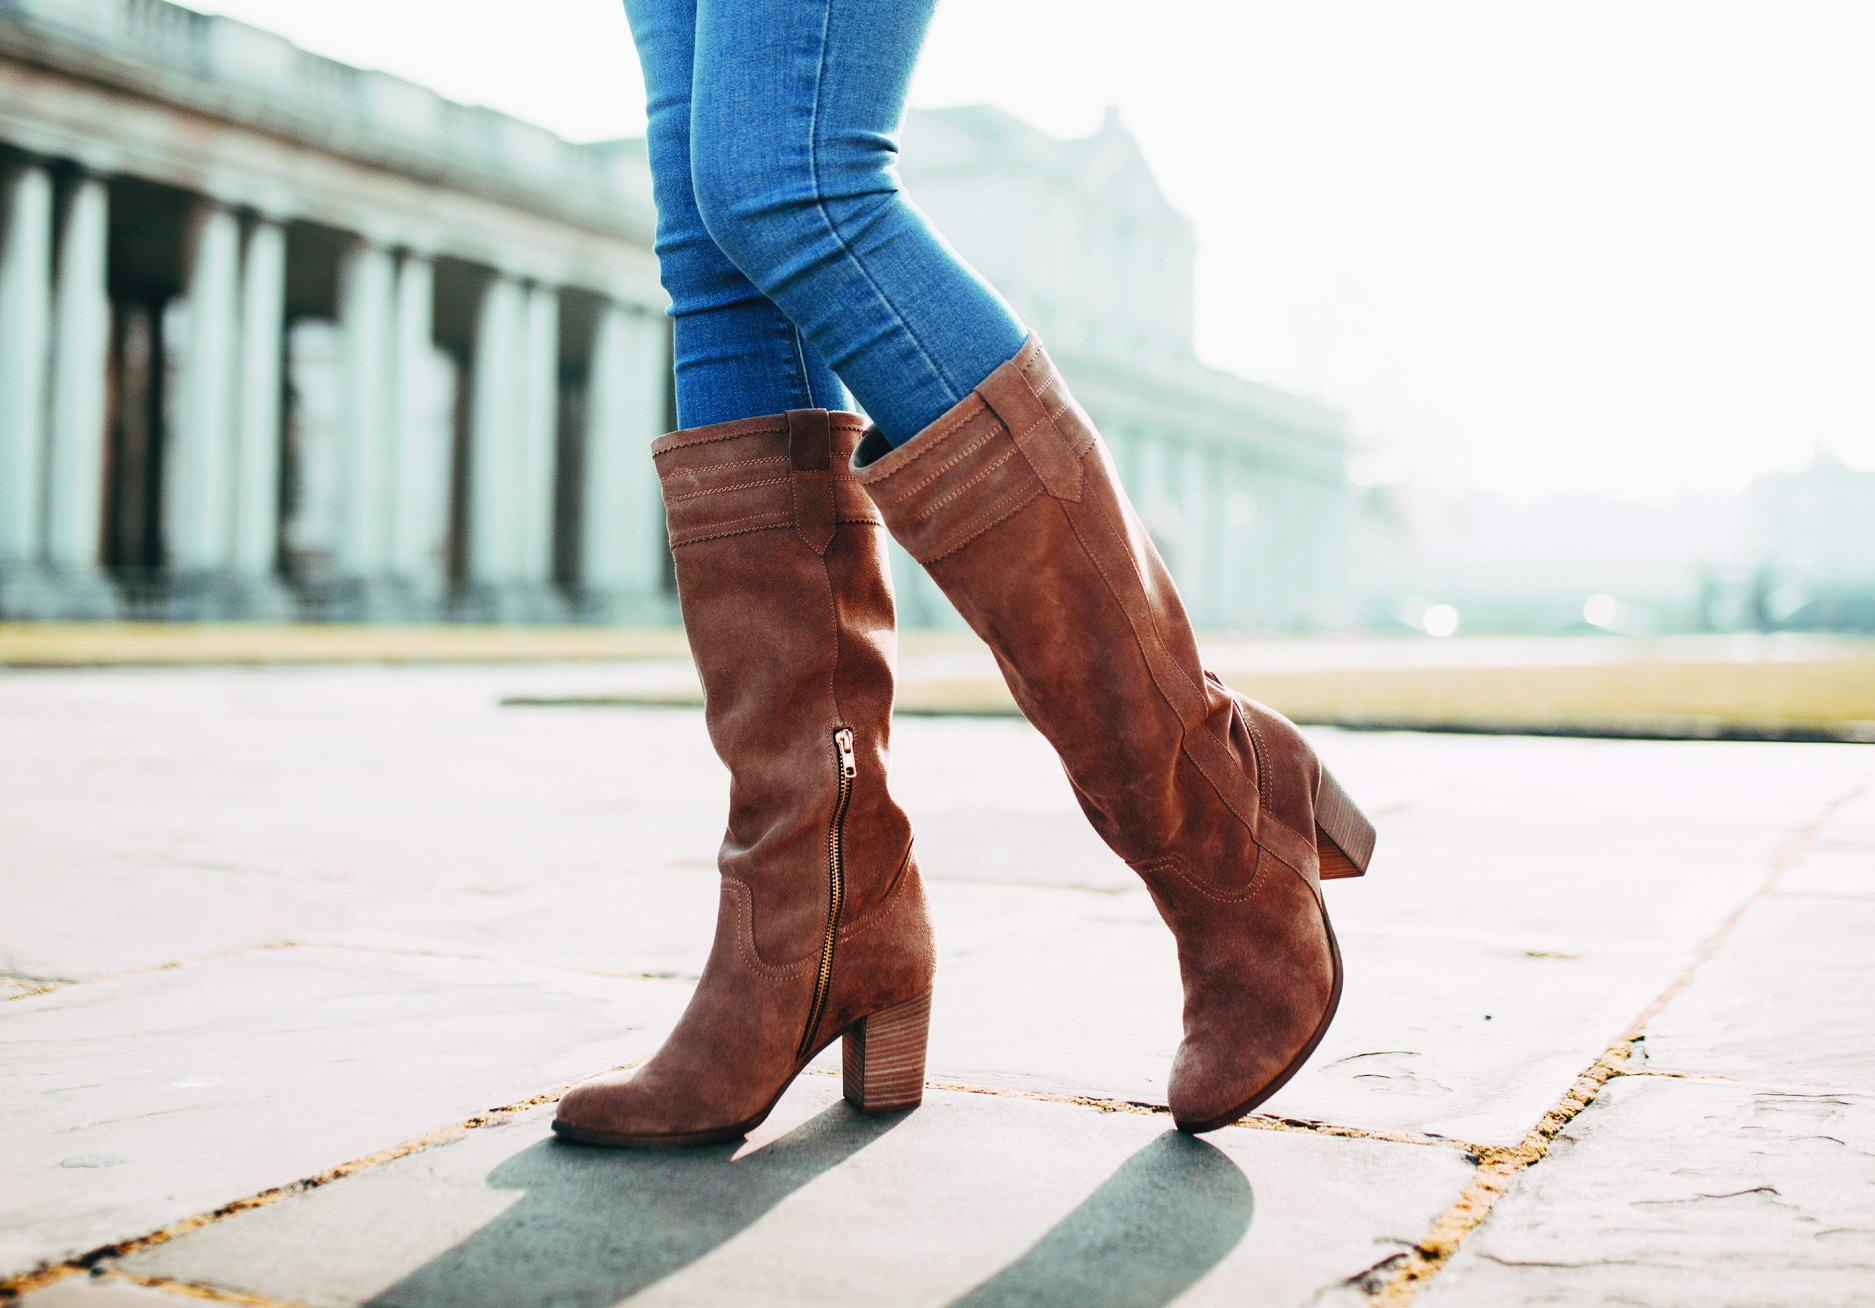 Women_s-Footwear-195